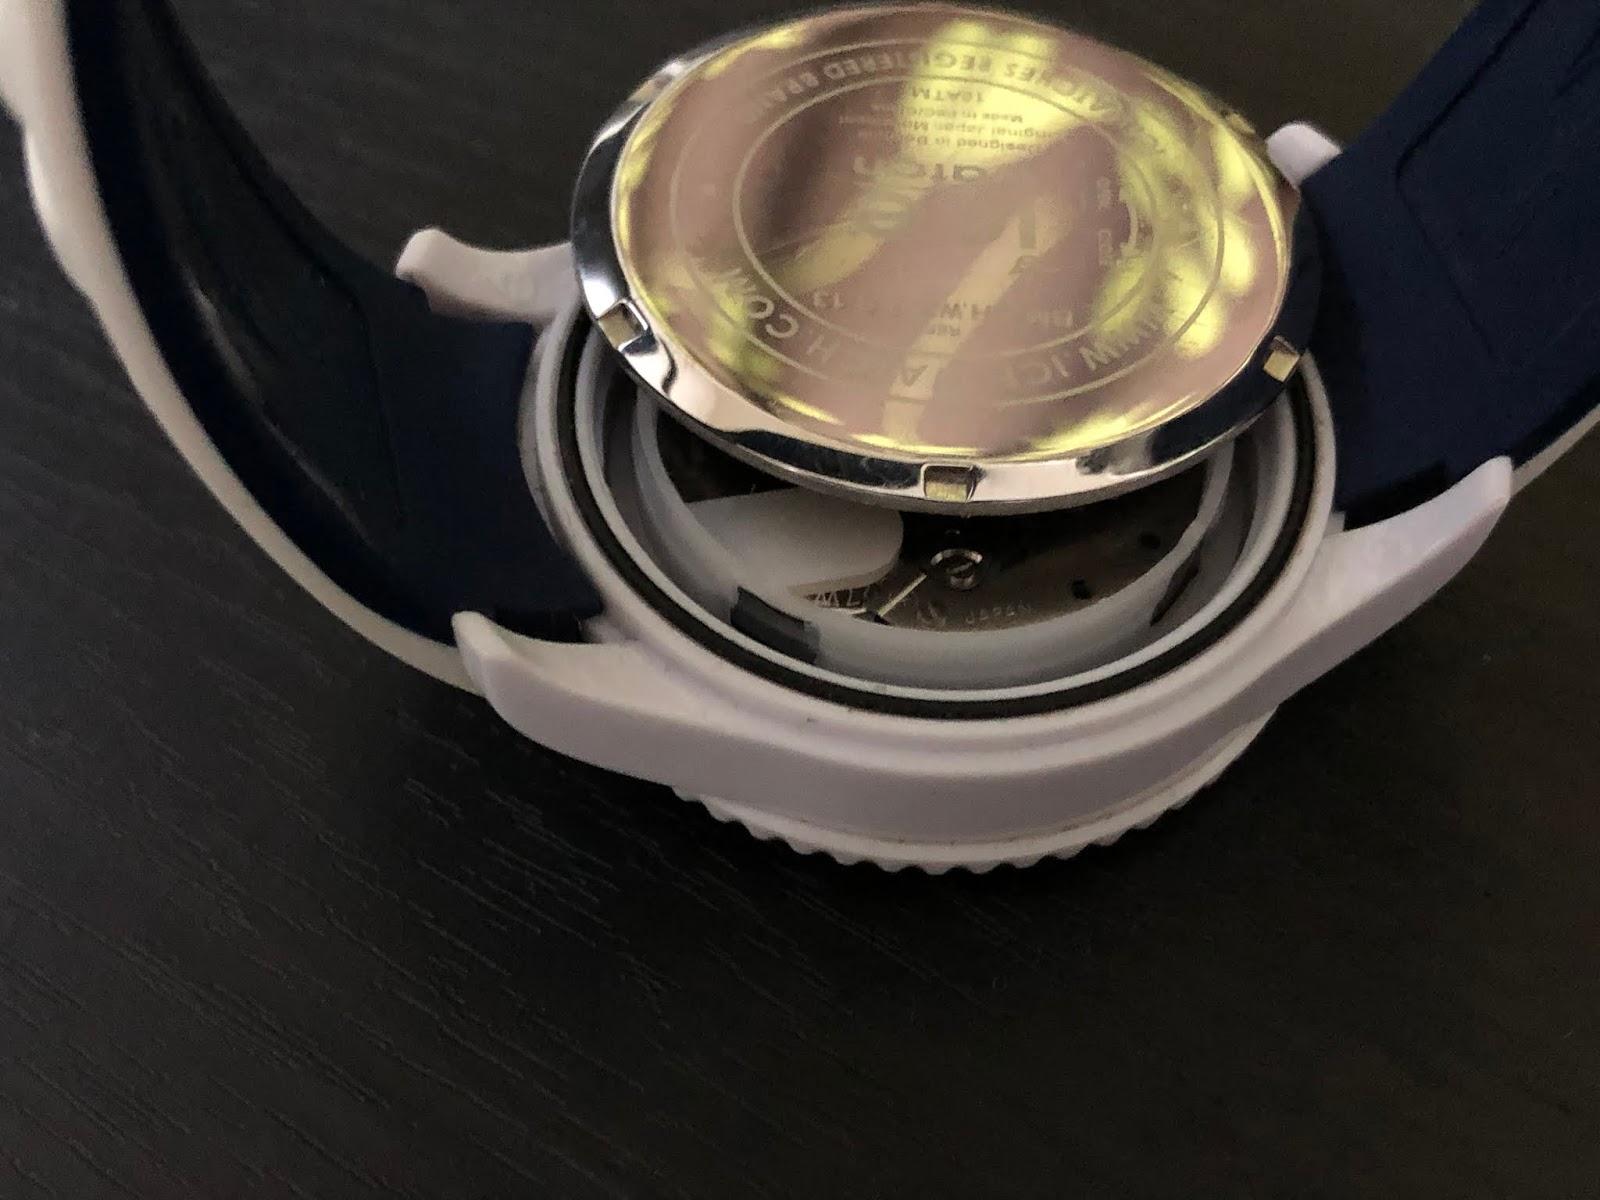 ice watch【アイスウォッチ】の電池交換のしかた。専用器具無し ...